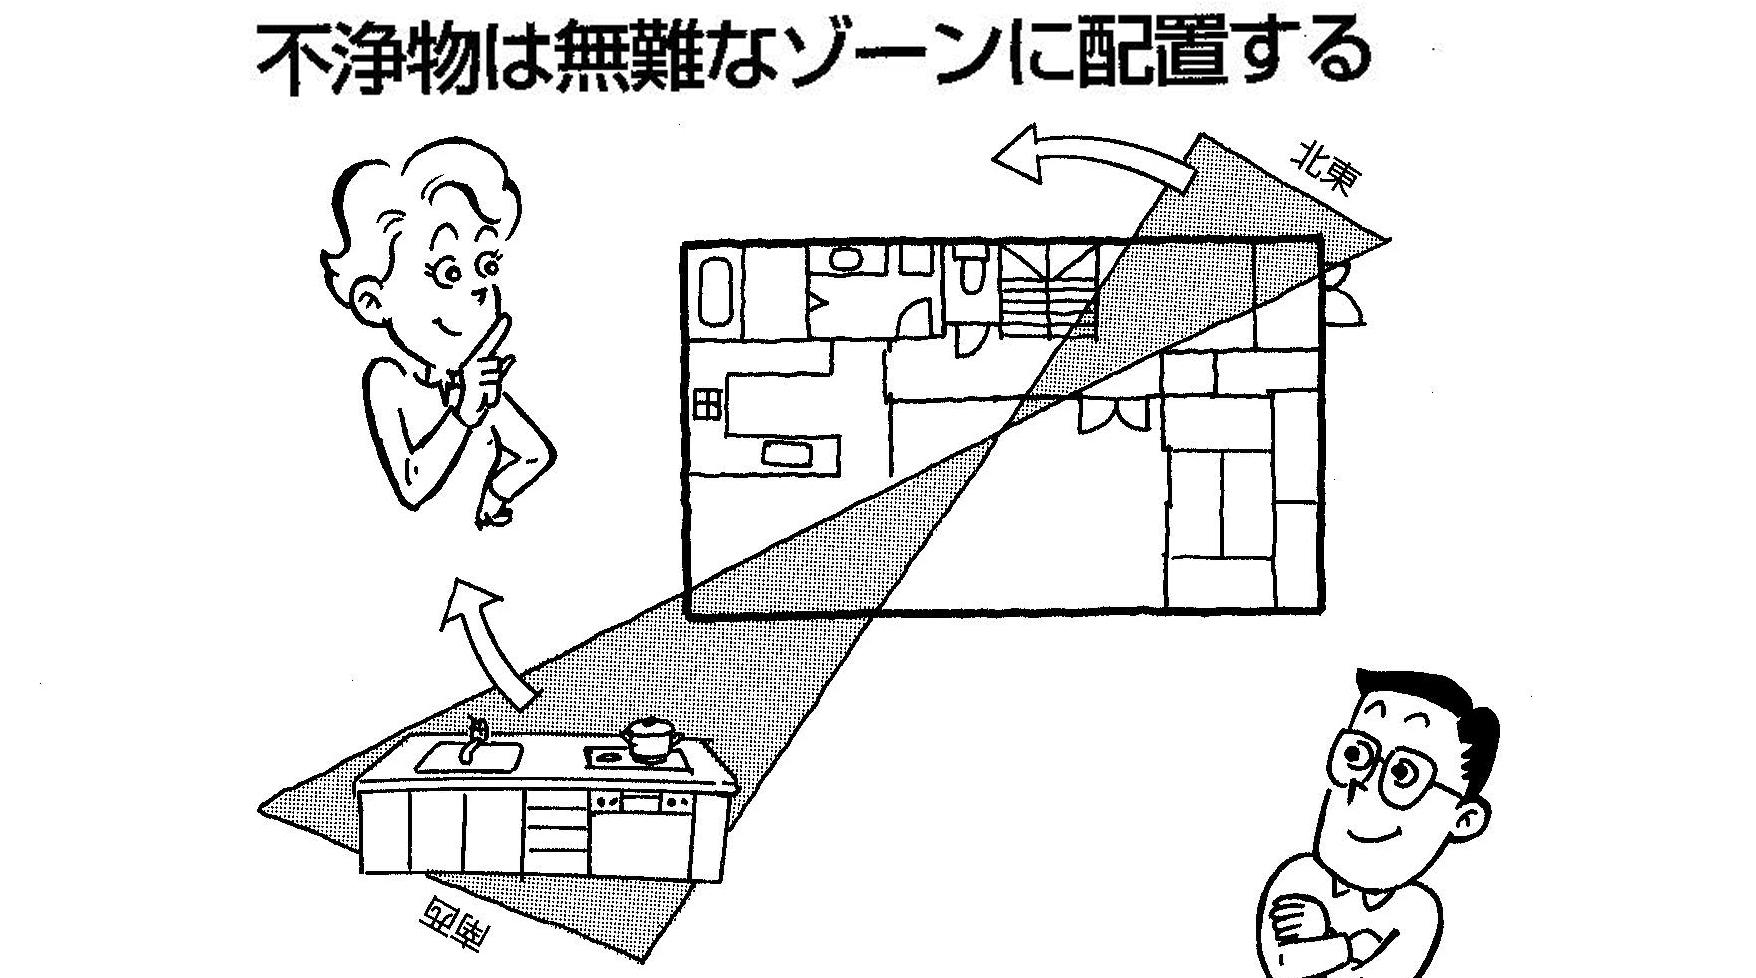 【実践できる家相建築の知恵―17】<br>建築家の建てる家は「作品」としての要素が強い。家族「住まい」にはむいていないケースが多い。